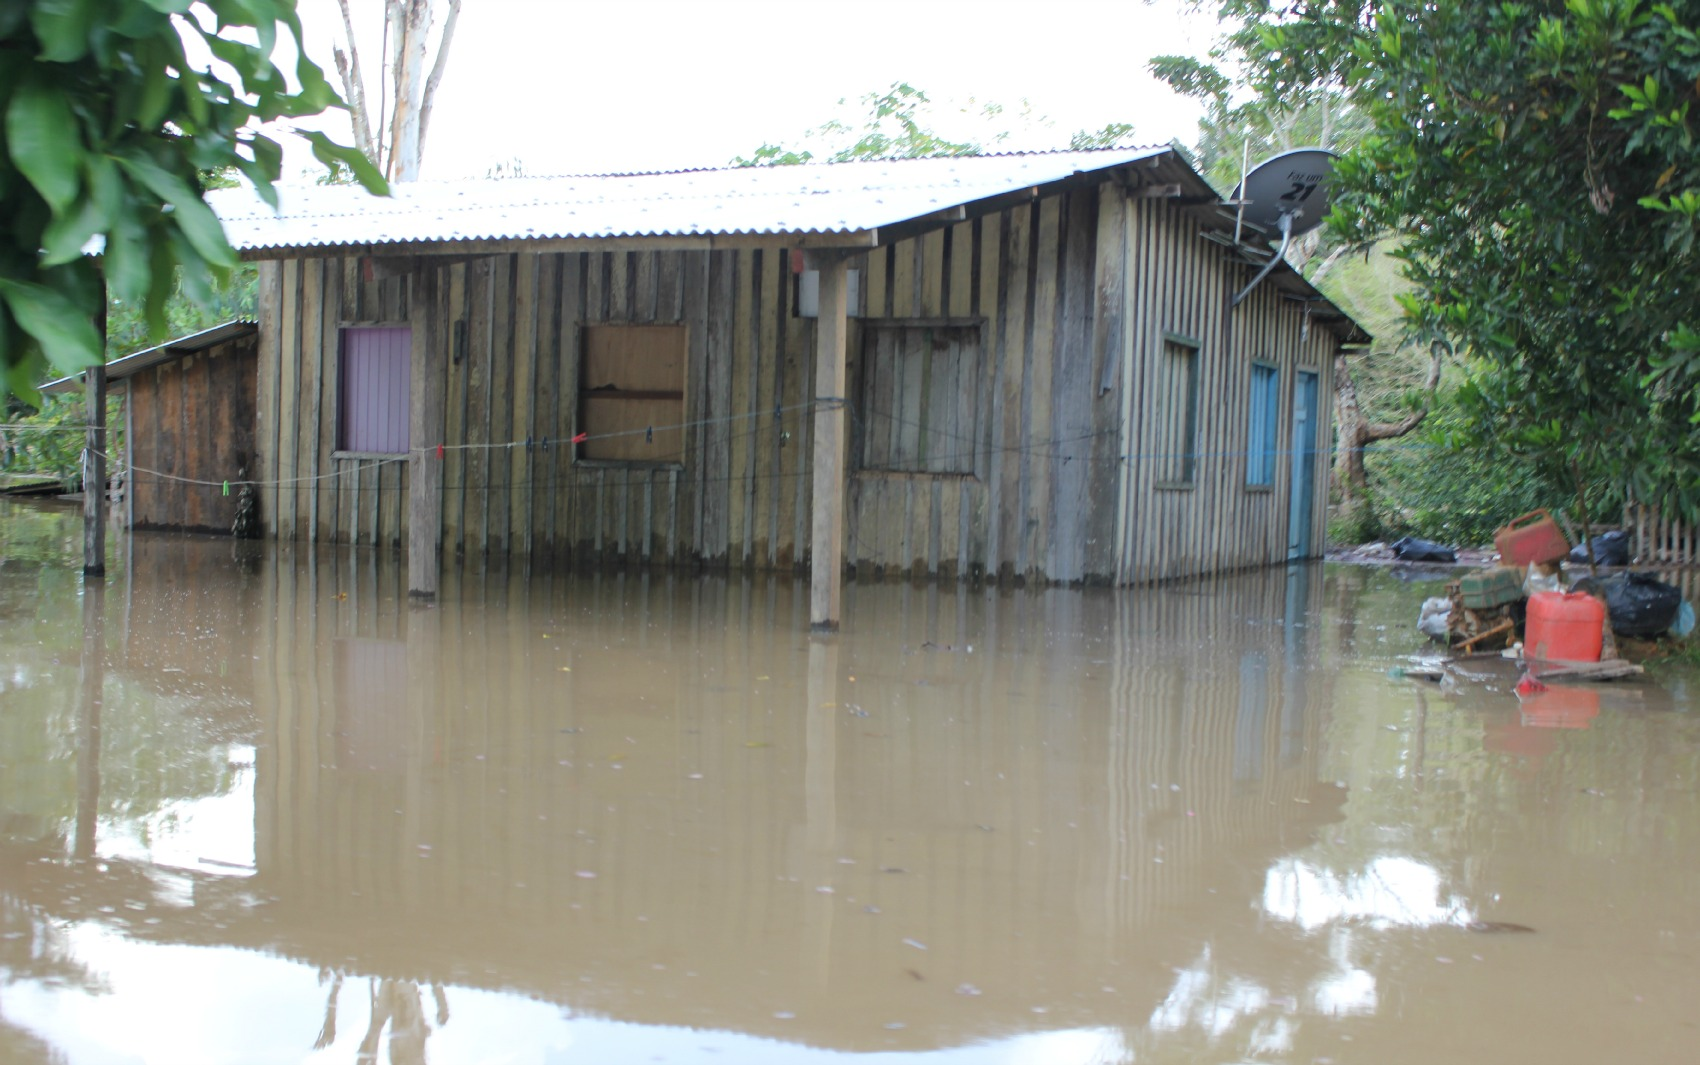 Casa tomada pela enchente em Porto Velho